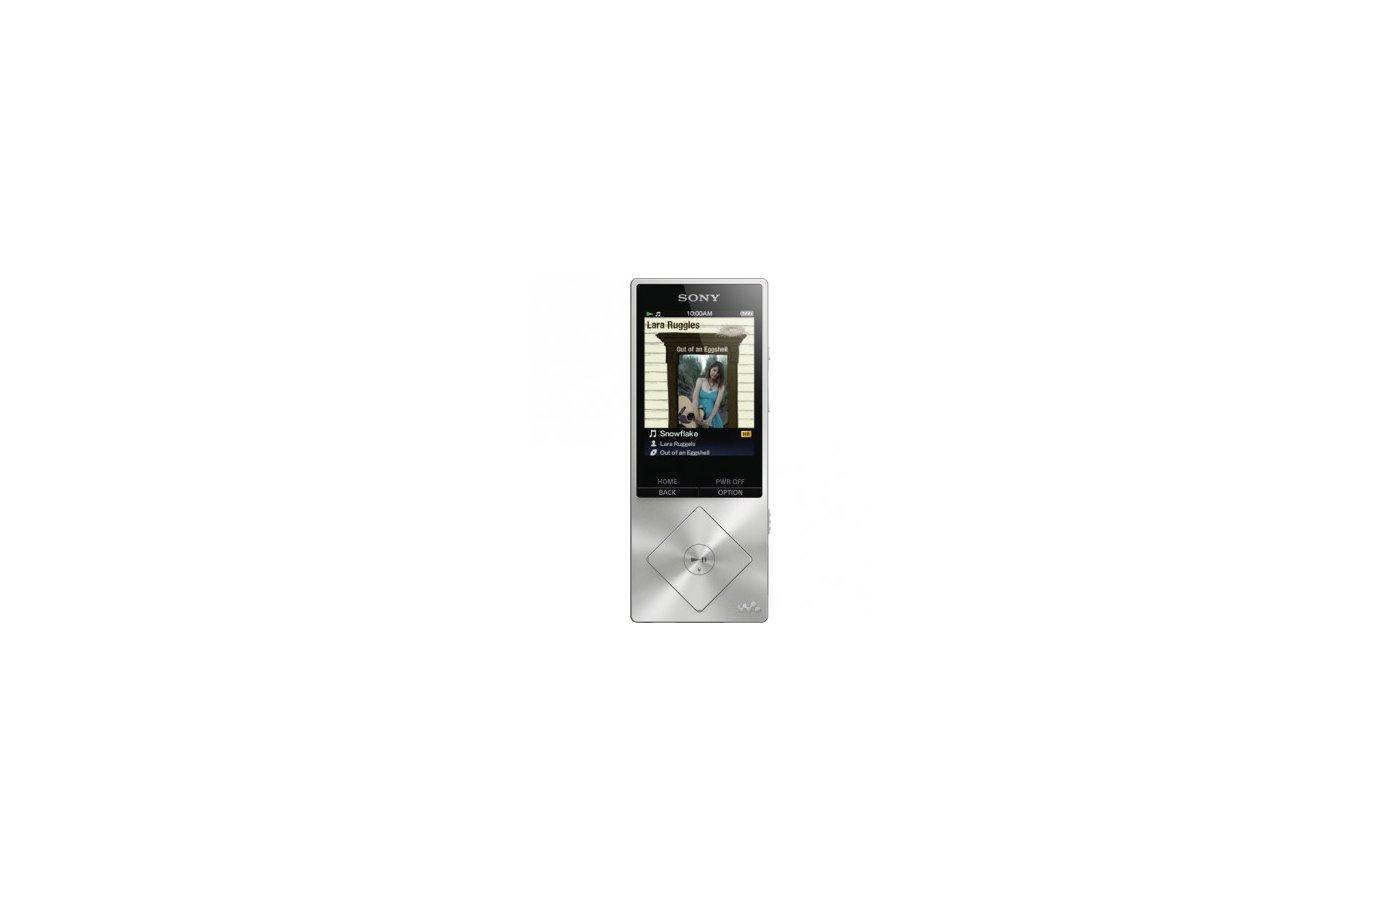 МР3 плеер SONY NWZ-A15 серебристый